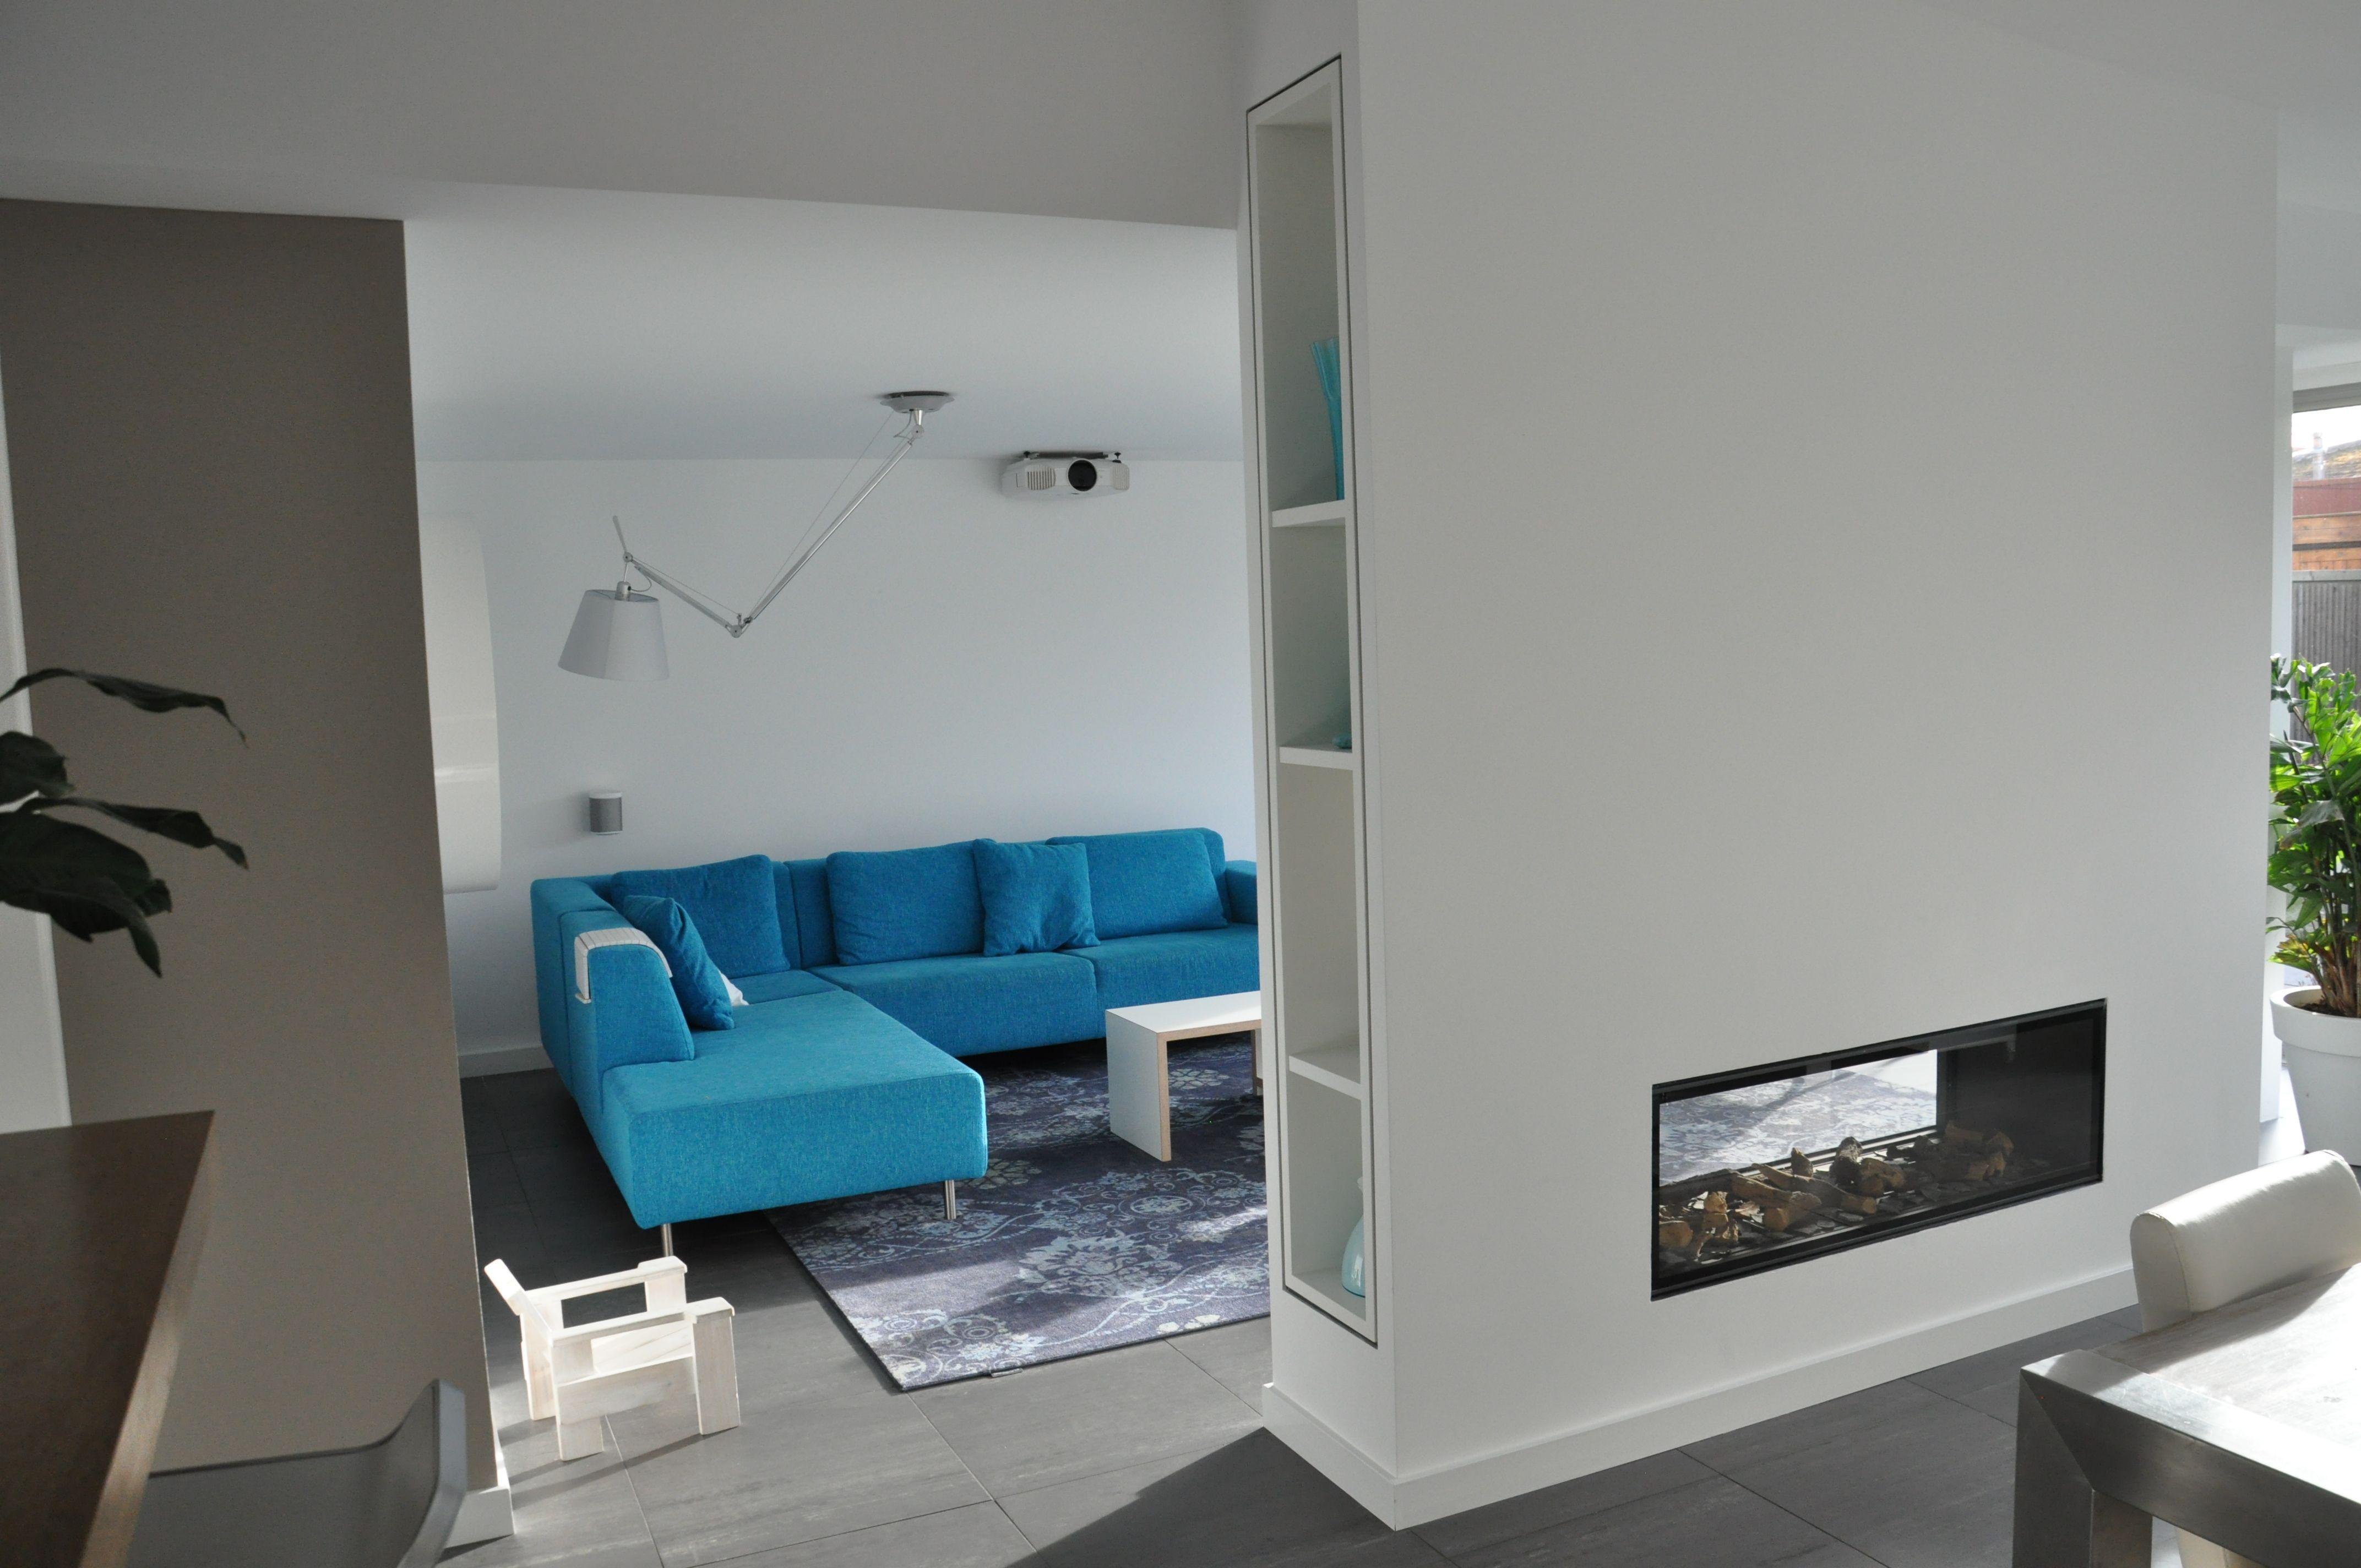 Woonkamer Inrichten Spel : Woonkamer inrichten modern interieur design woonkamer inrichten